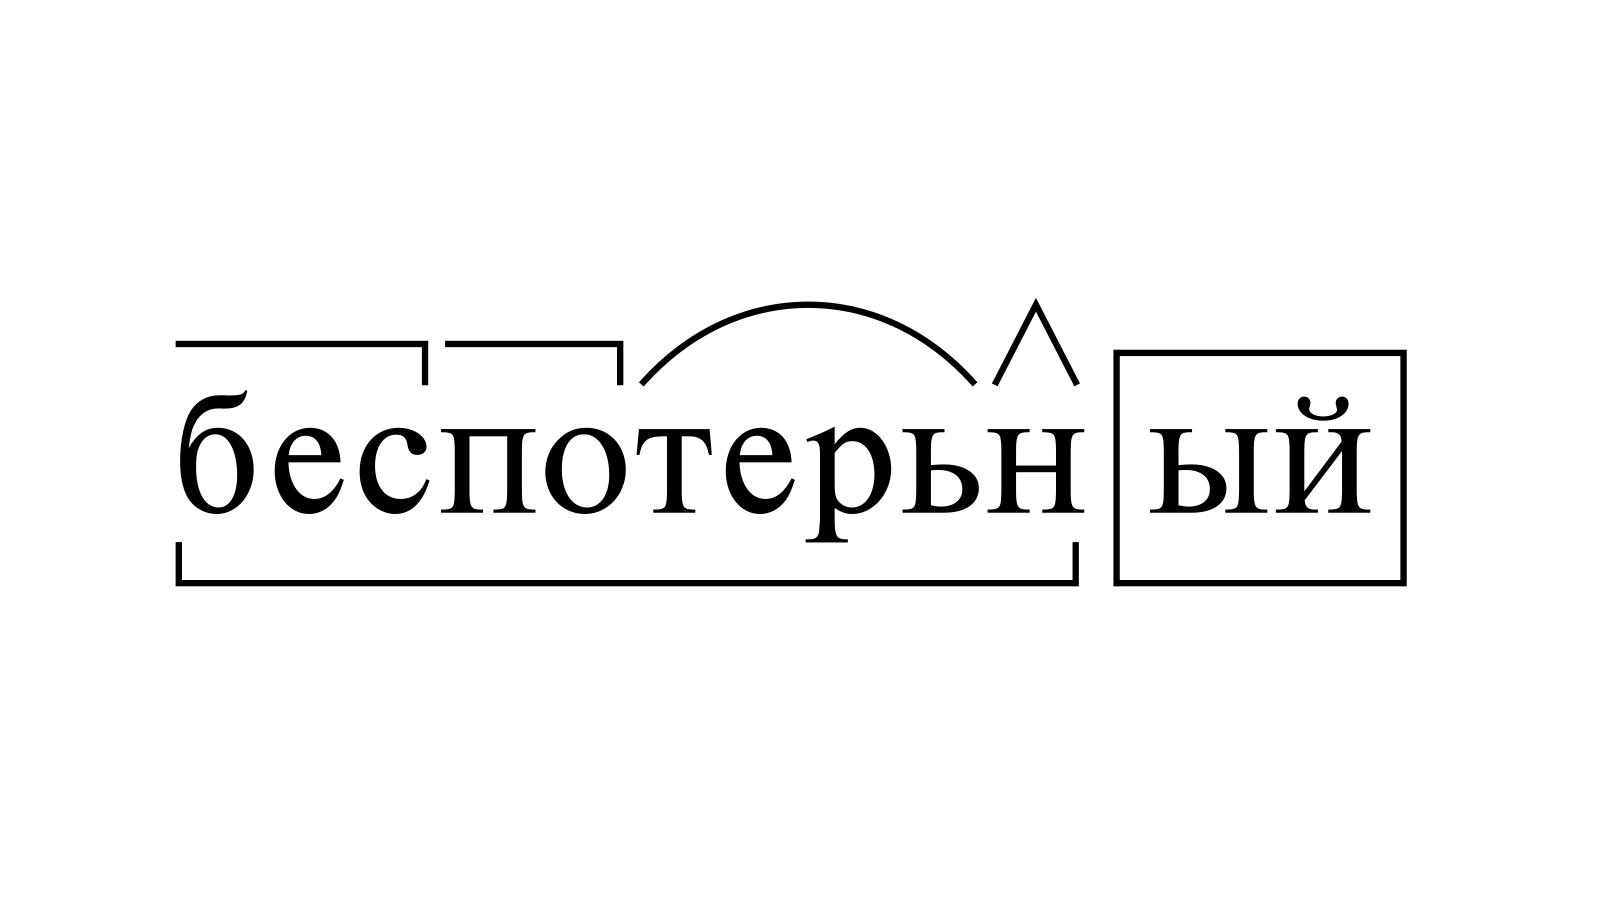 Разбор слова «беспотерьный» по составу